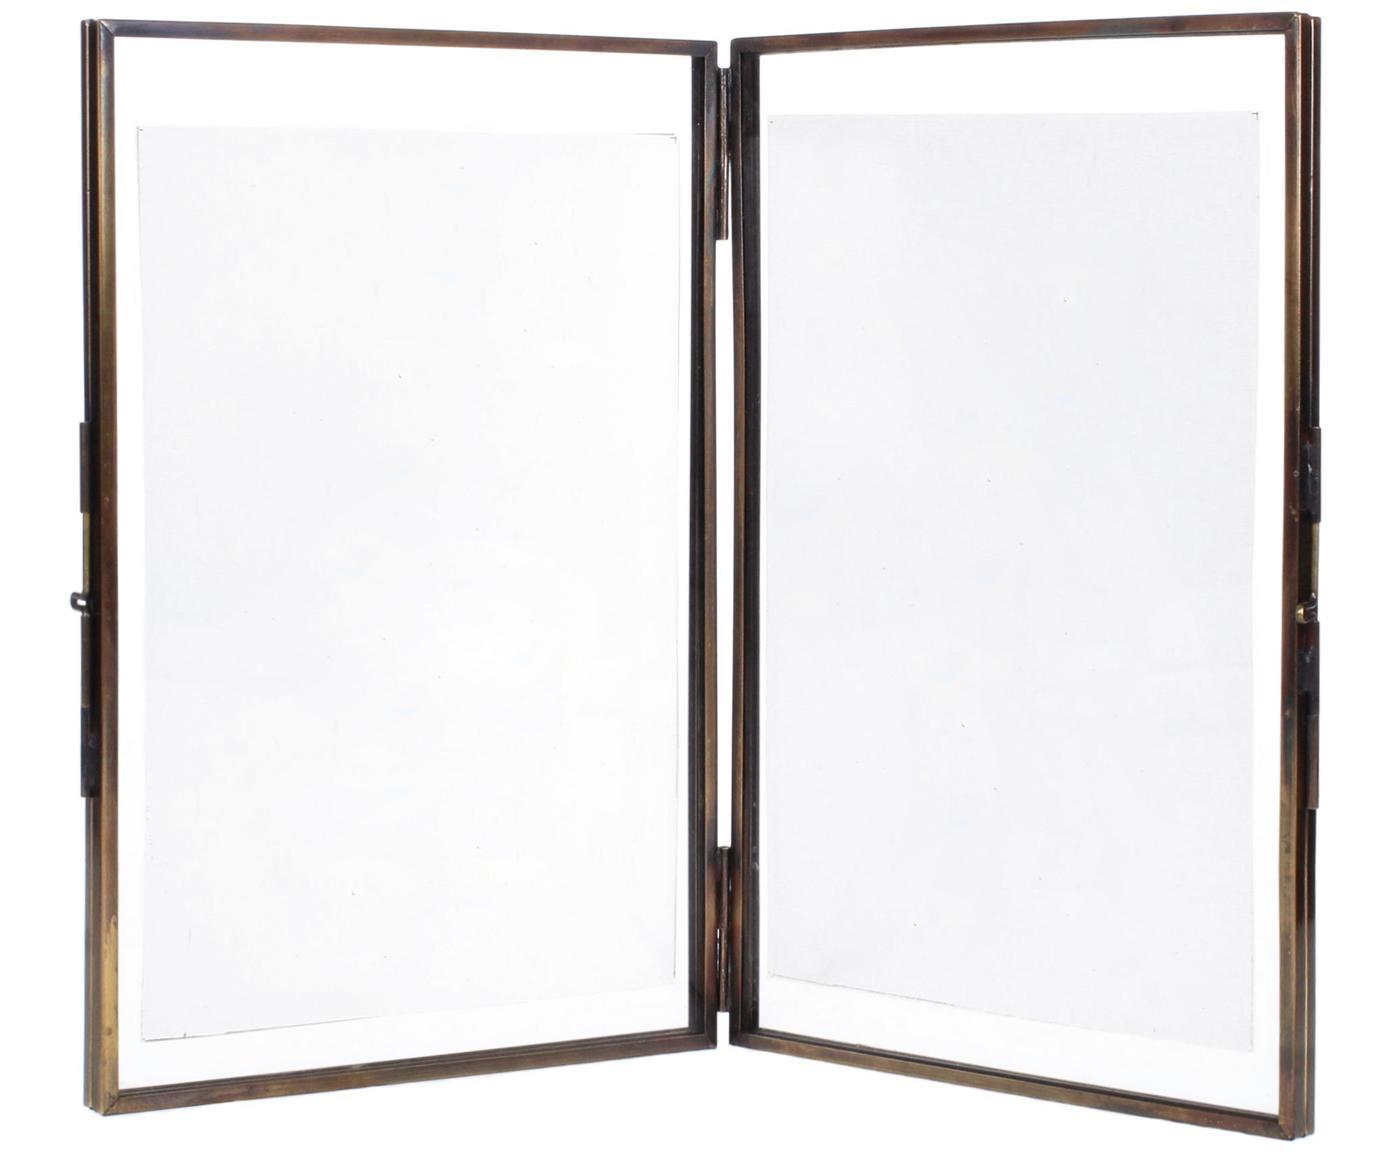 Ramka na zdjęcia Collector Two, Odcienie brązu, 10 x 15 cm